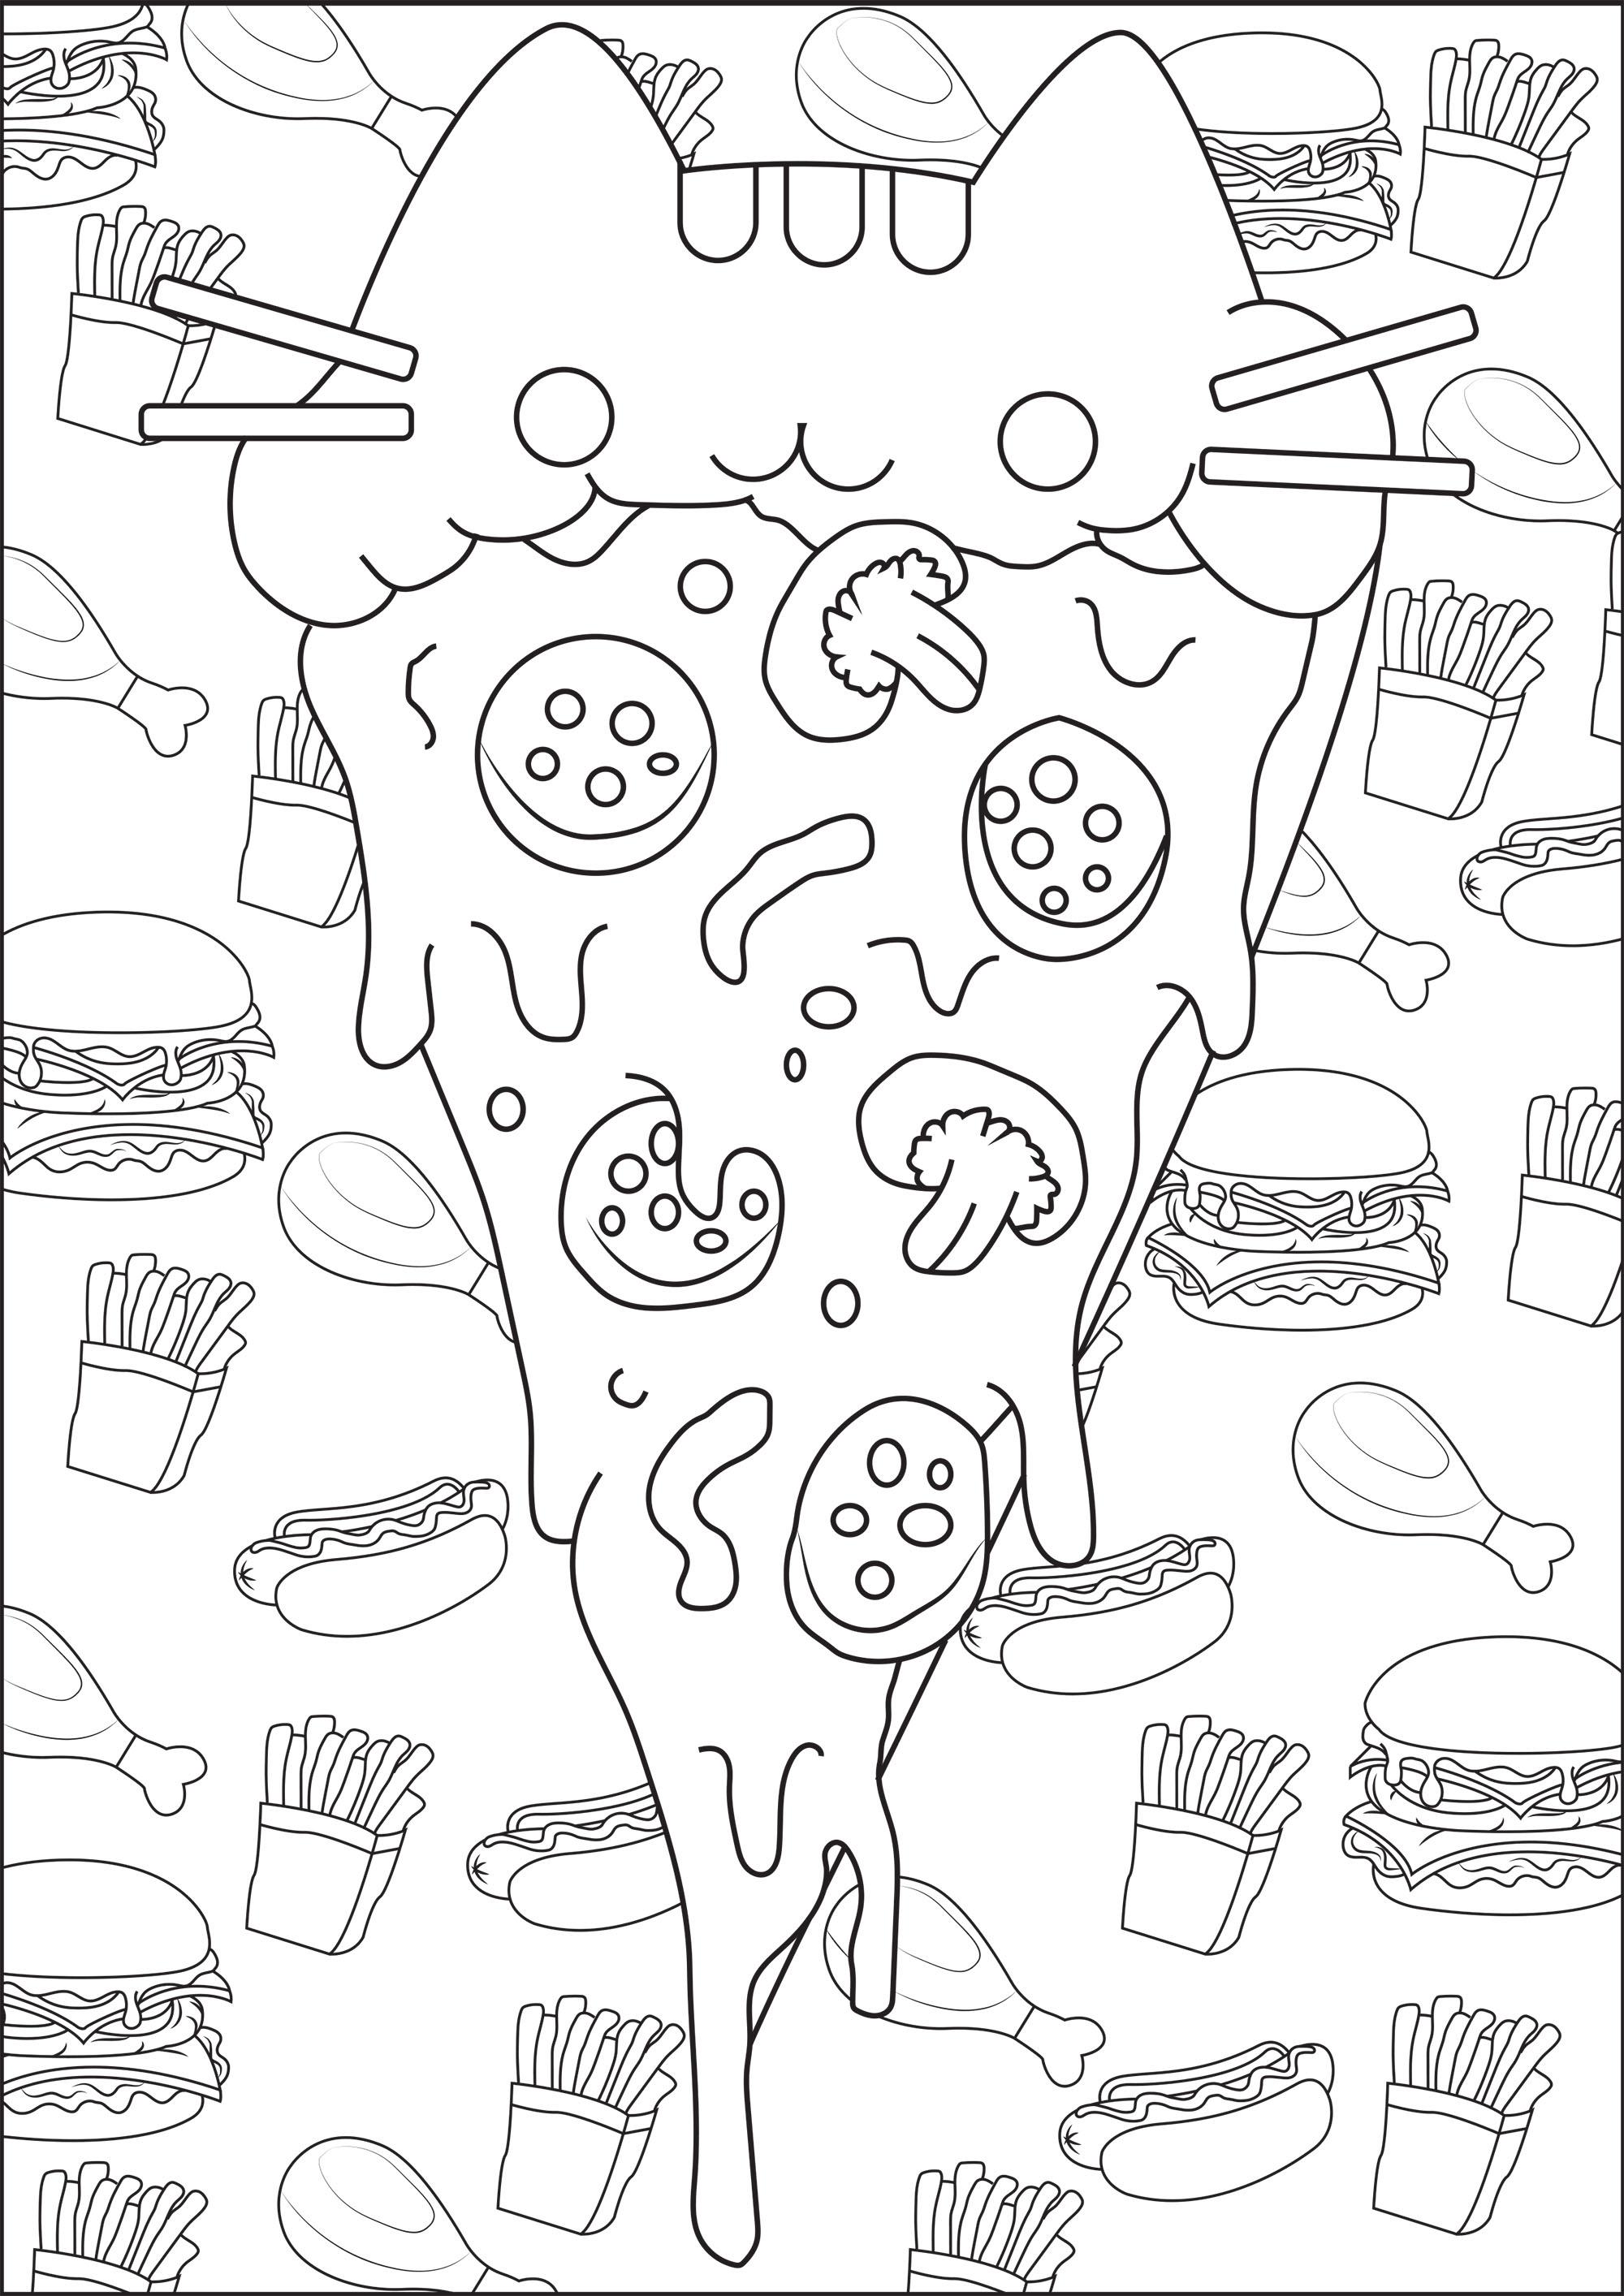 Une part de pizza avec une tête de Pusheen, sur un fond composé de frites et burgers ... De la Mal-bouffe mais trop mignonne :)